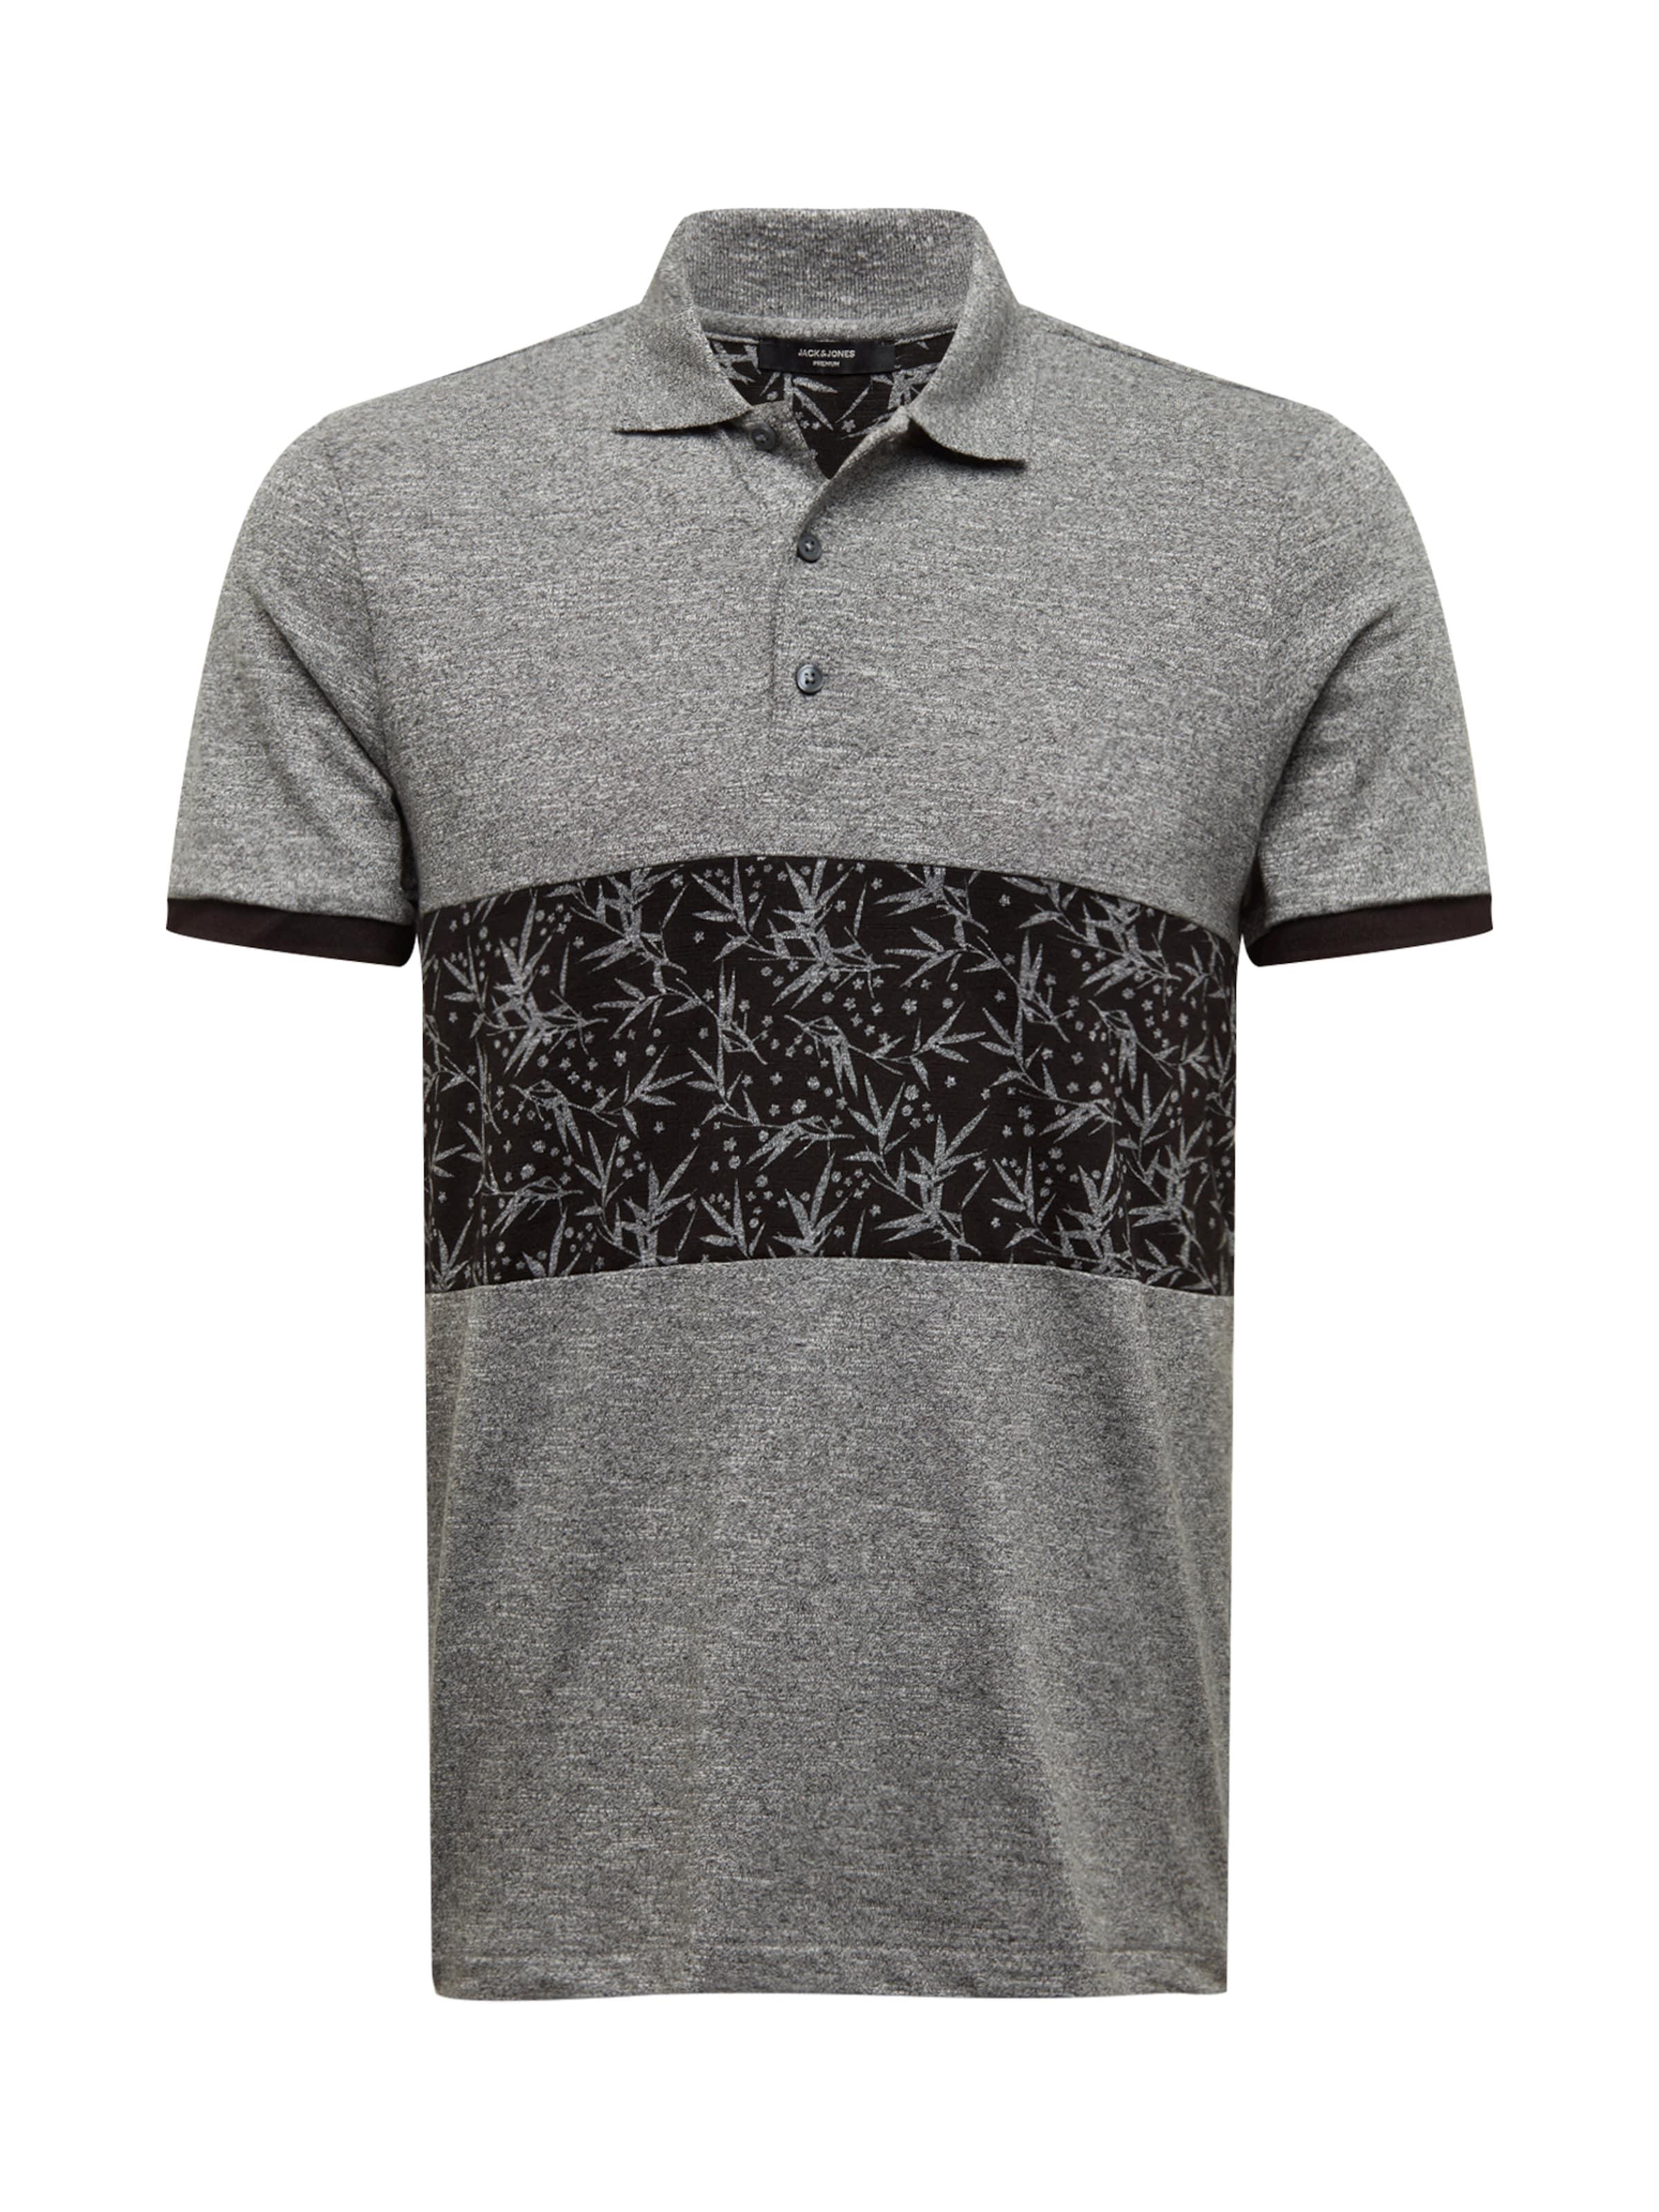 Jones T Bla ' En 'vitus shirt Gris Jackamp; ChinéNoir c3uTKl1J5F